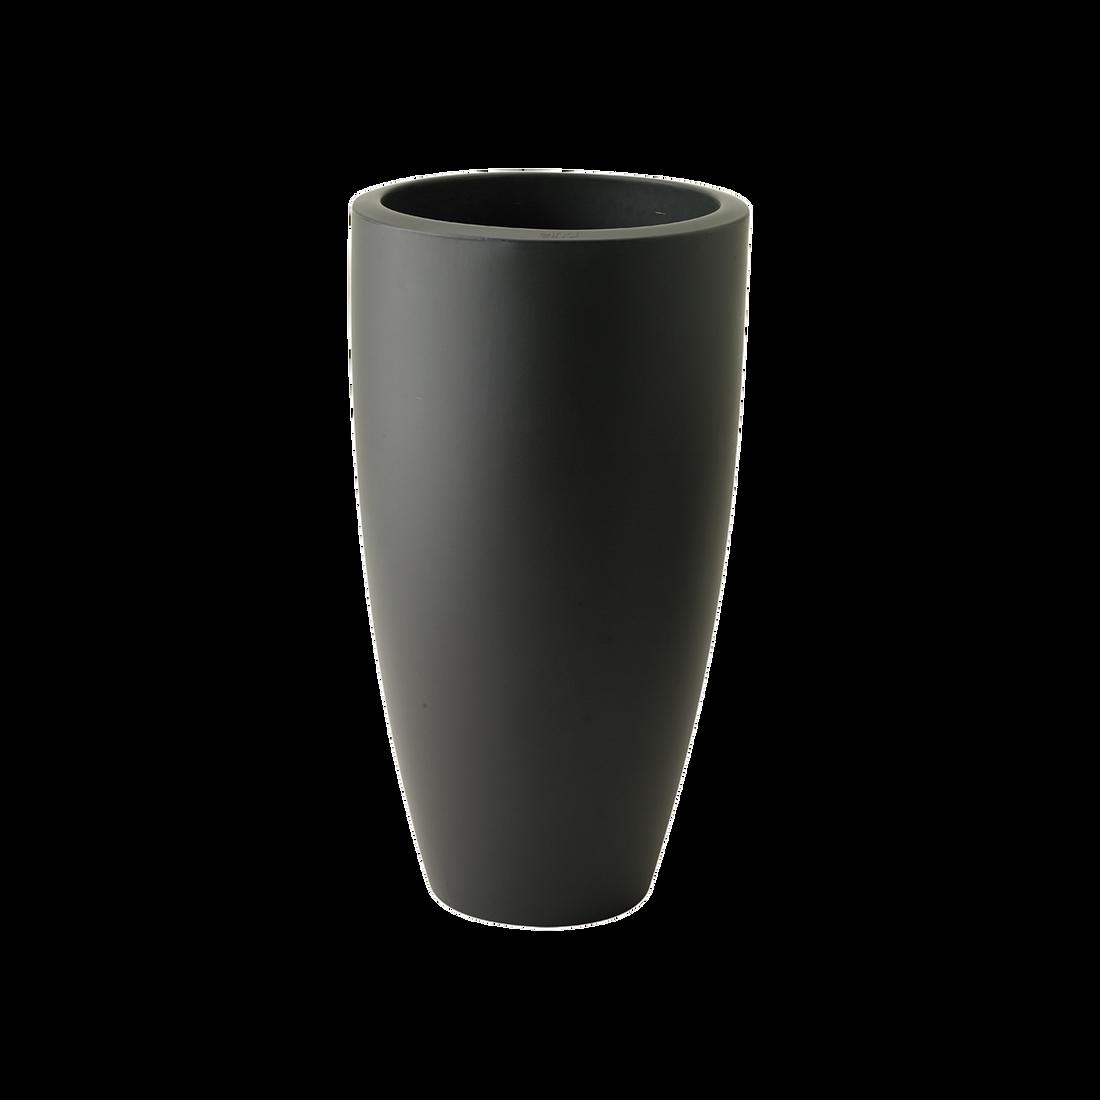 39 CM Transparent Elho Pure Soft Round High Smart LED Light Blumentopf